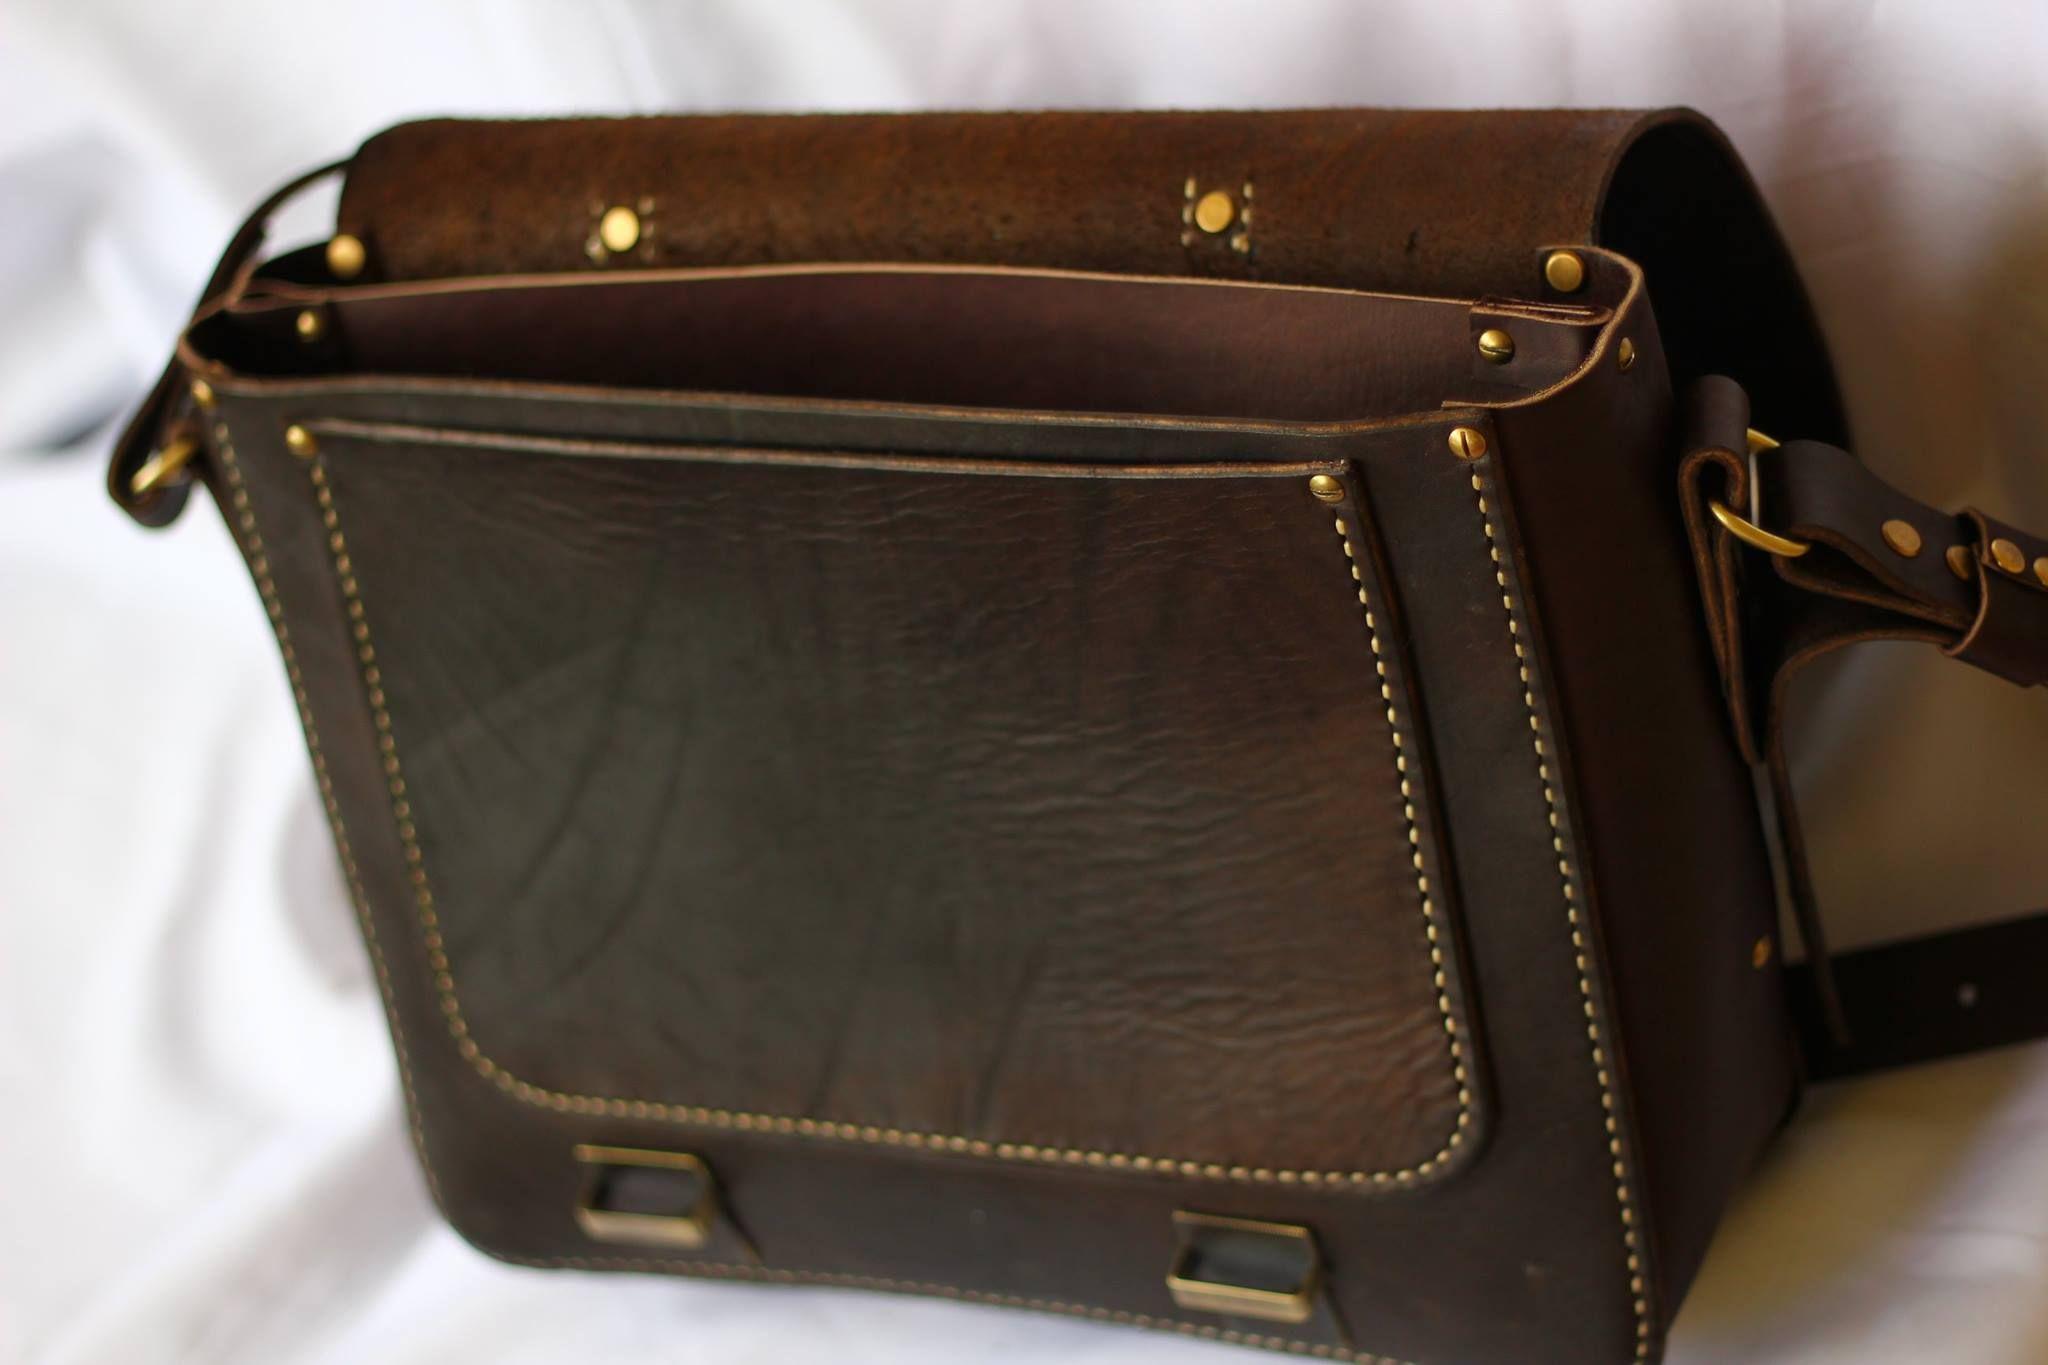 6fdf413ef7c8 Мои работы. Кожаные сумки ручной работы – 111 фотографий | Сумки ...